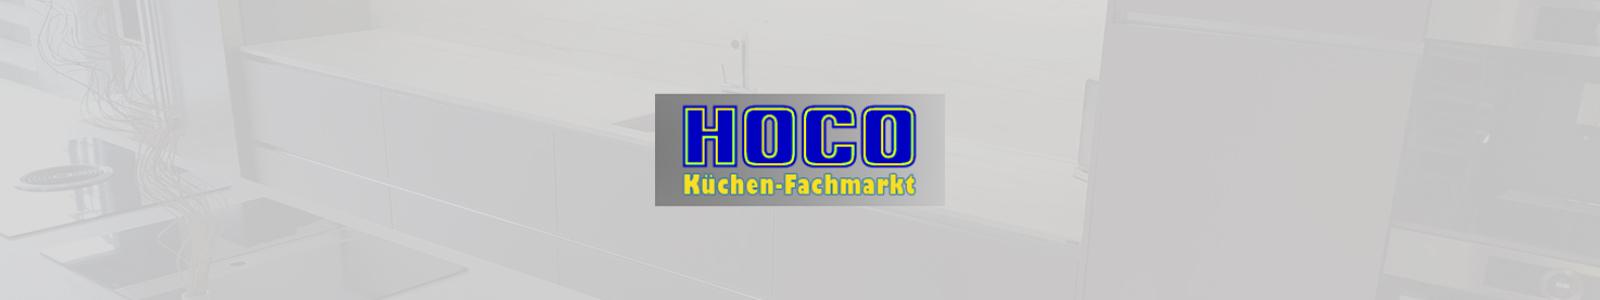 Hoco Kuchen Fachmarkt In Rostock Kuchenstudio Kuchenplanung